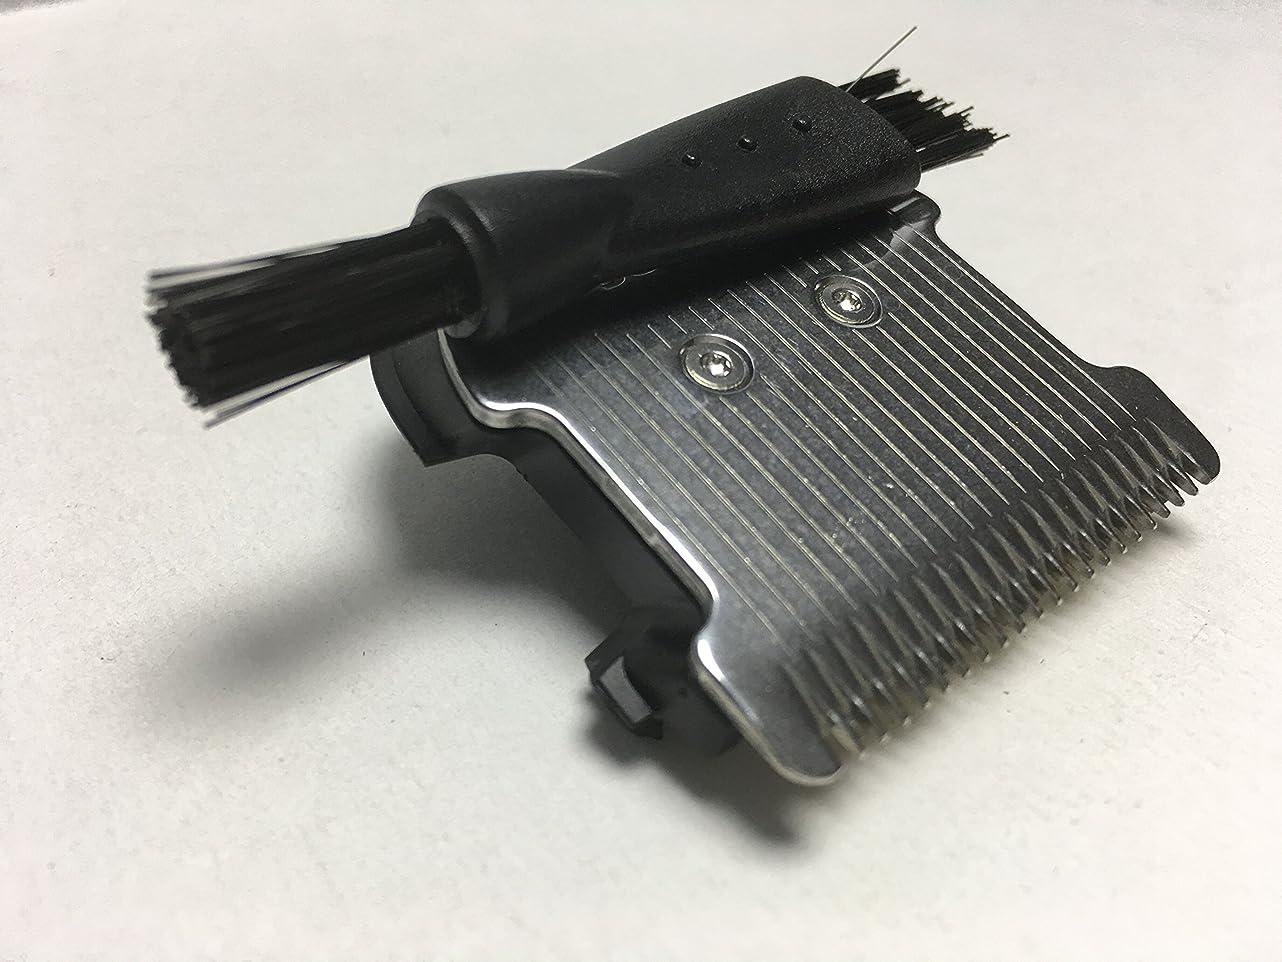 帝国ちょうつがい座標シェーバーヘッドバーバーブレード フィリップス Philips HC9490 HC9452/15 HC9490/15 Series 9000 フィリップス ノレッコ ワン?ブレード 交換用ブレード Shaver Razor Head Blade clipper Cutter